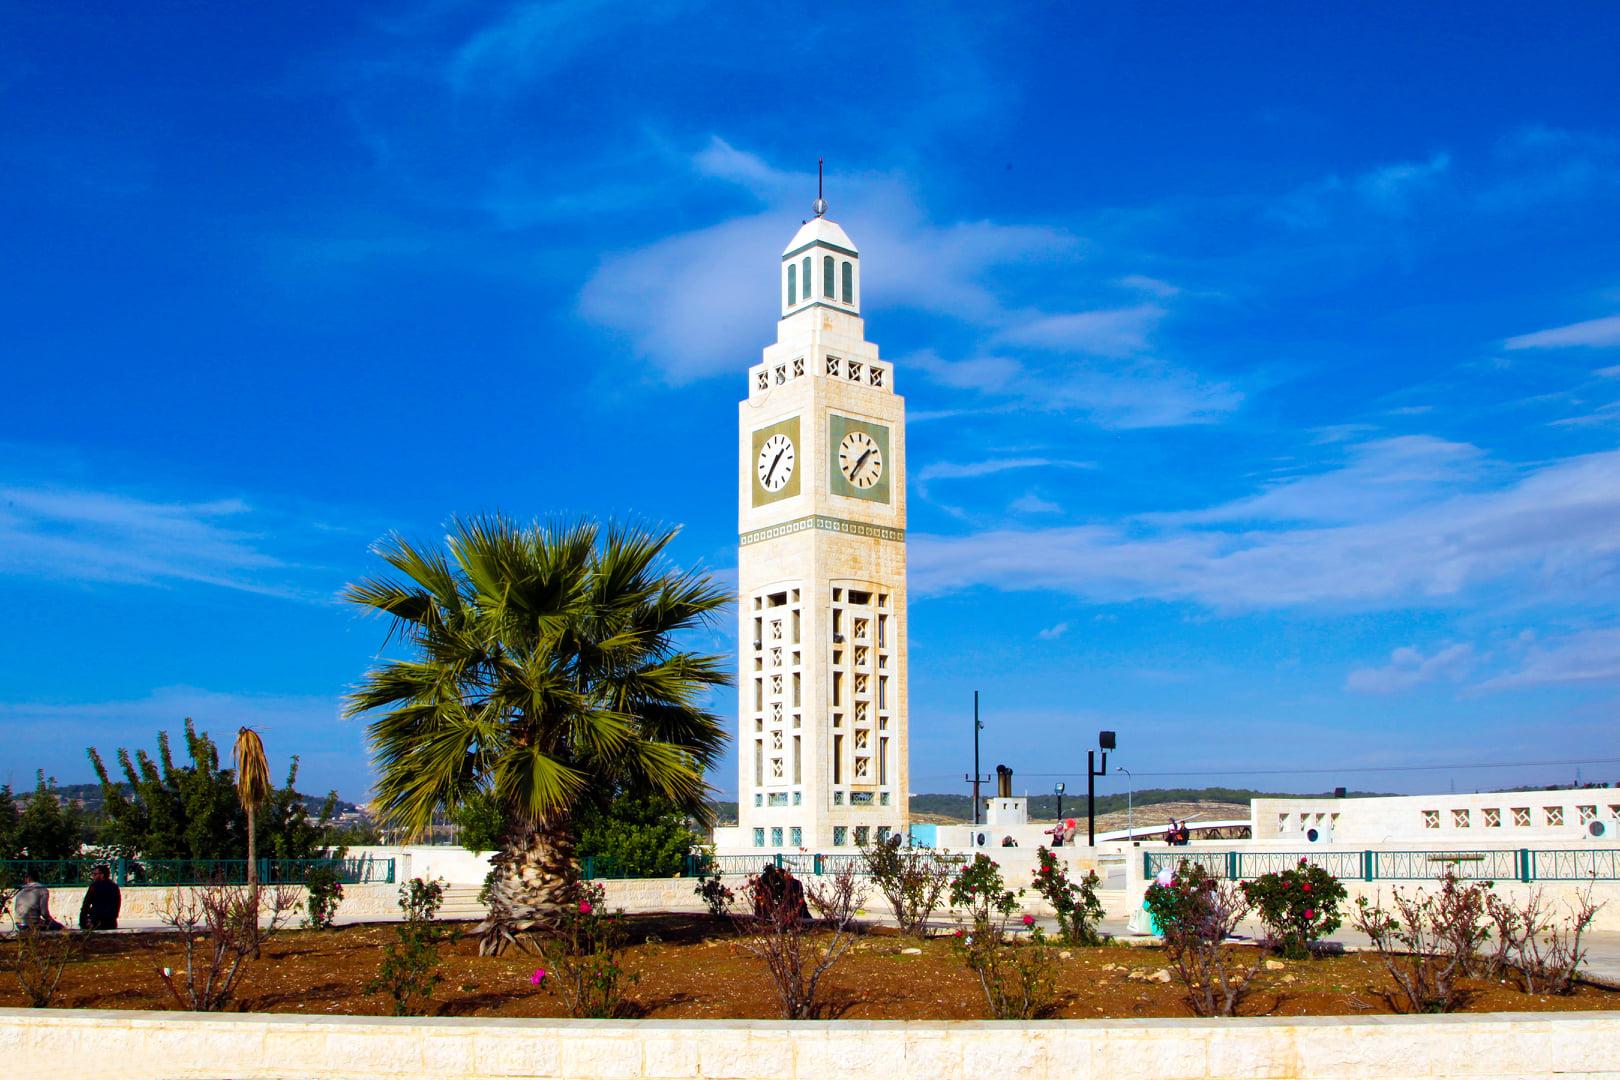 إدراج مجلة جامعة الزيتونة الأردنية للدراسات الإنسانية والاجتماعية ومجلة الدراسات القانونية في إبسكو